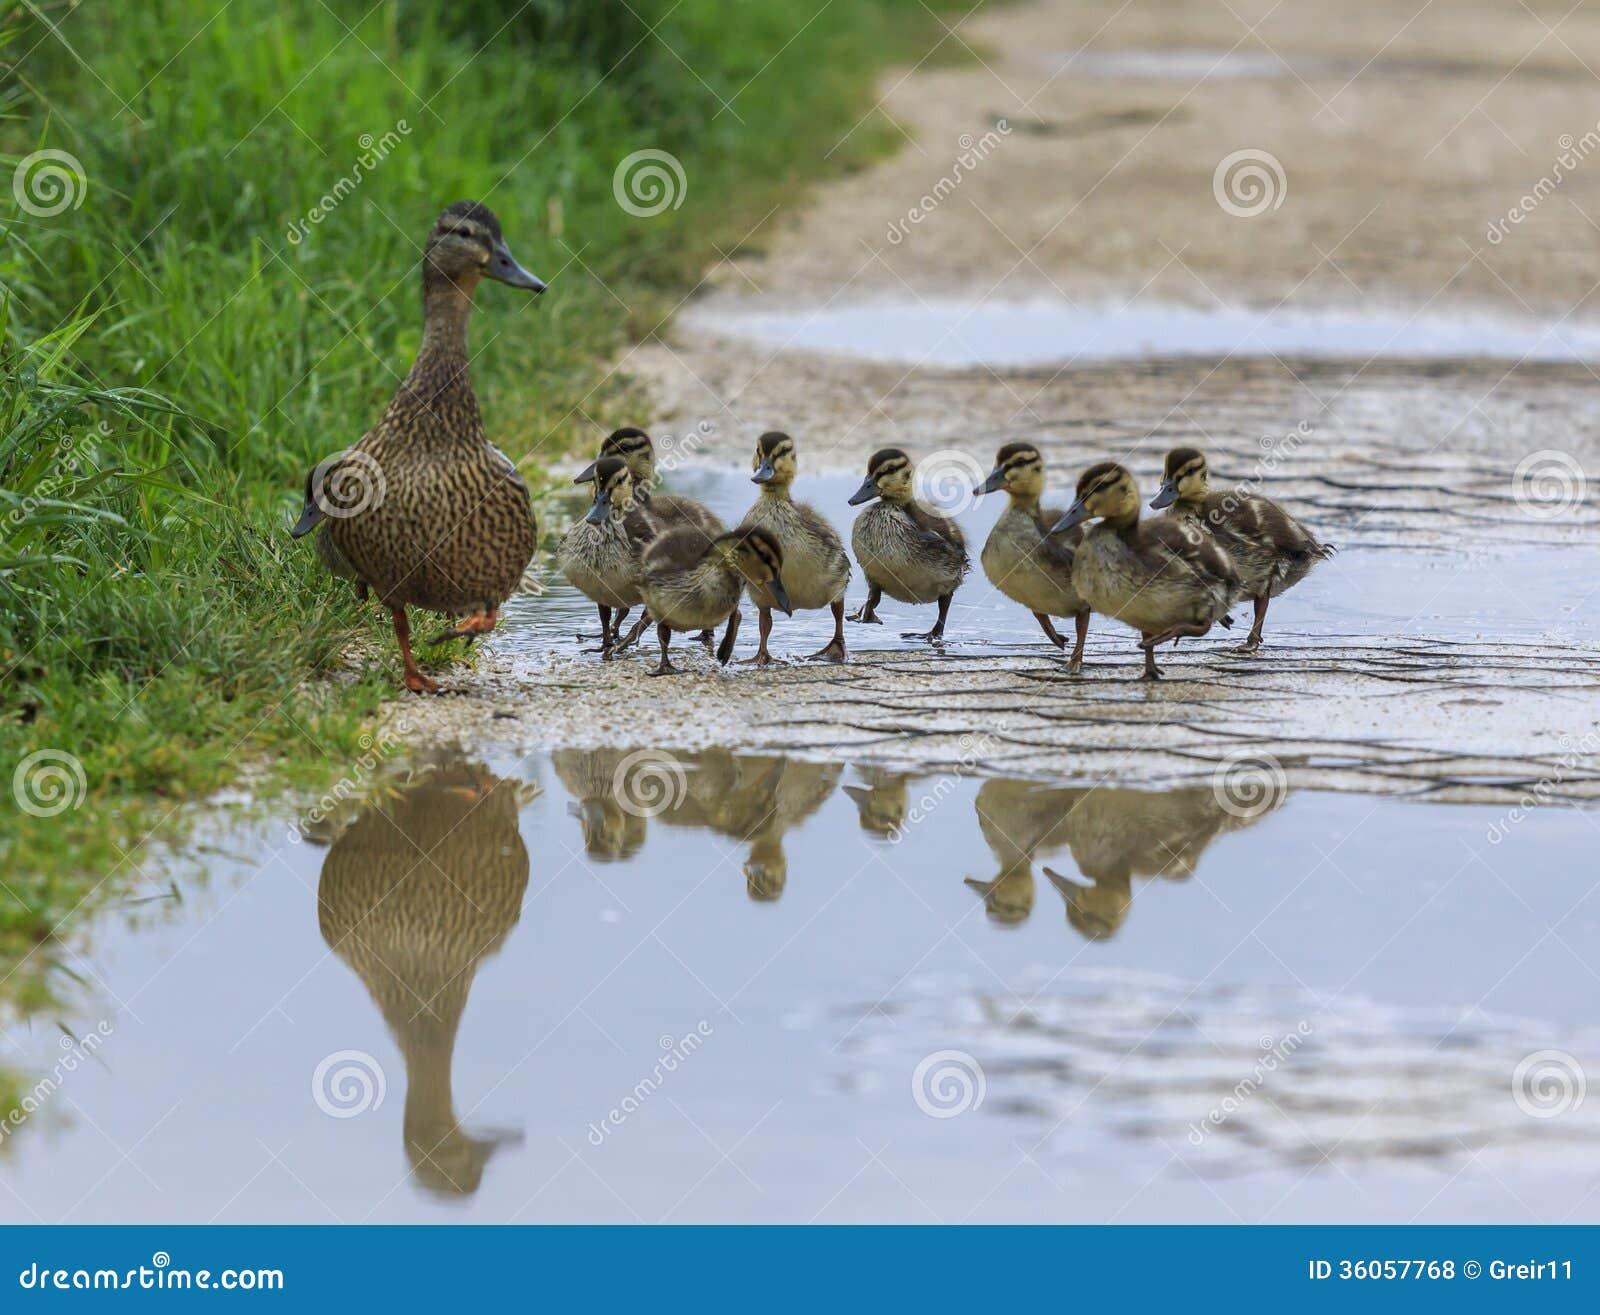 Canard et avec des canetons croisant un chemin